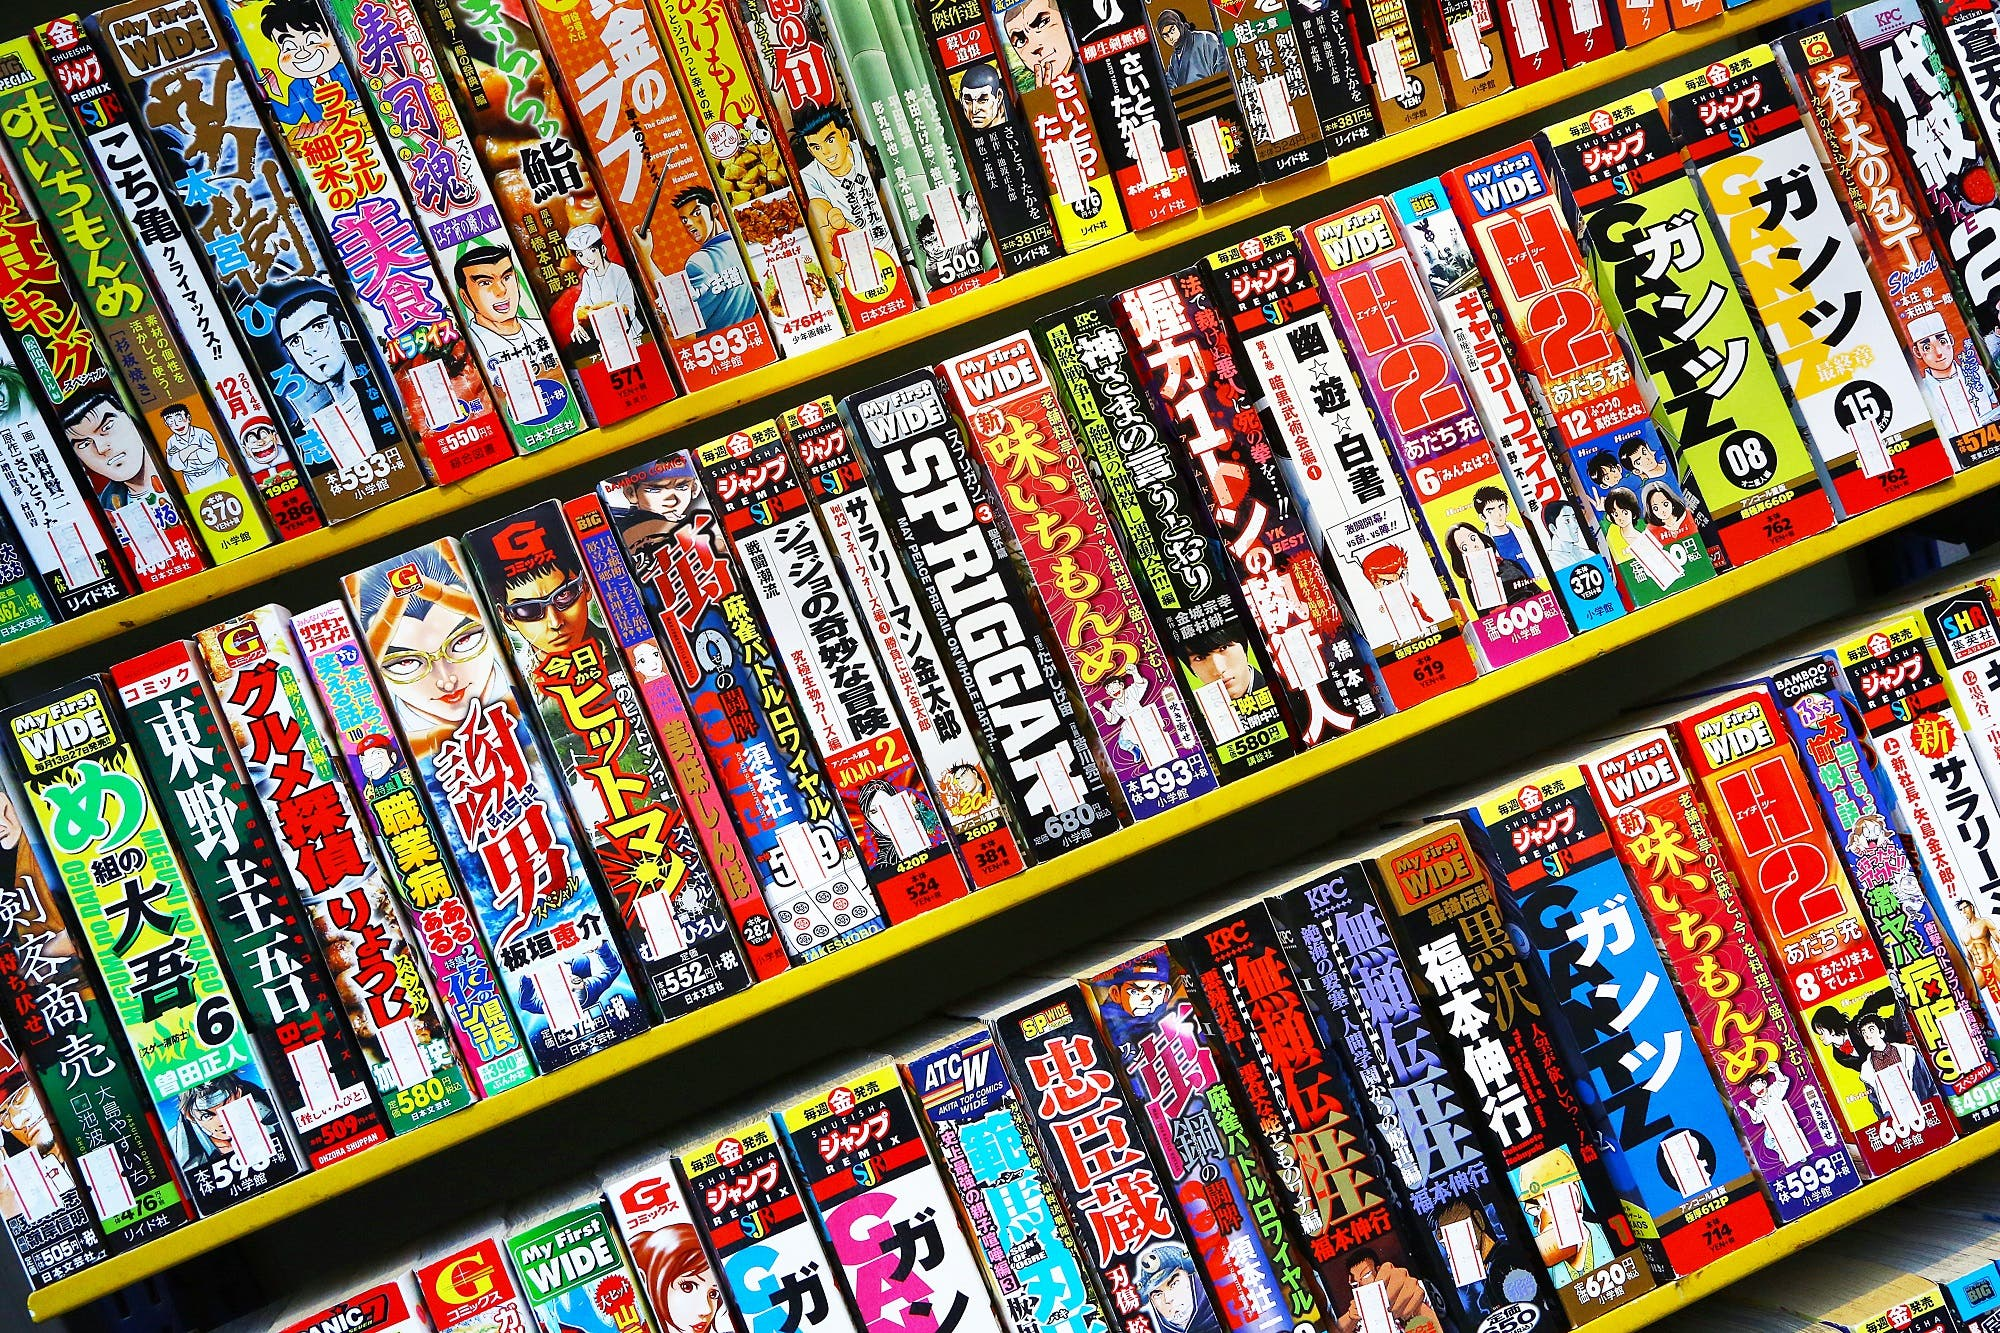 variety of manga comics from shutterstock